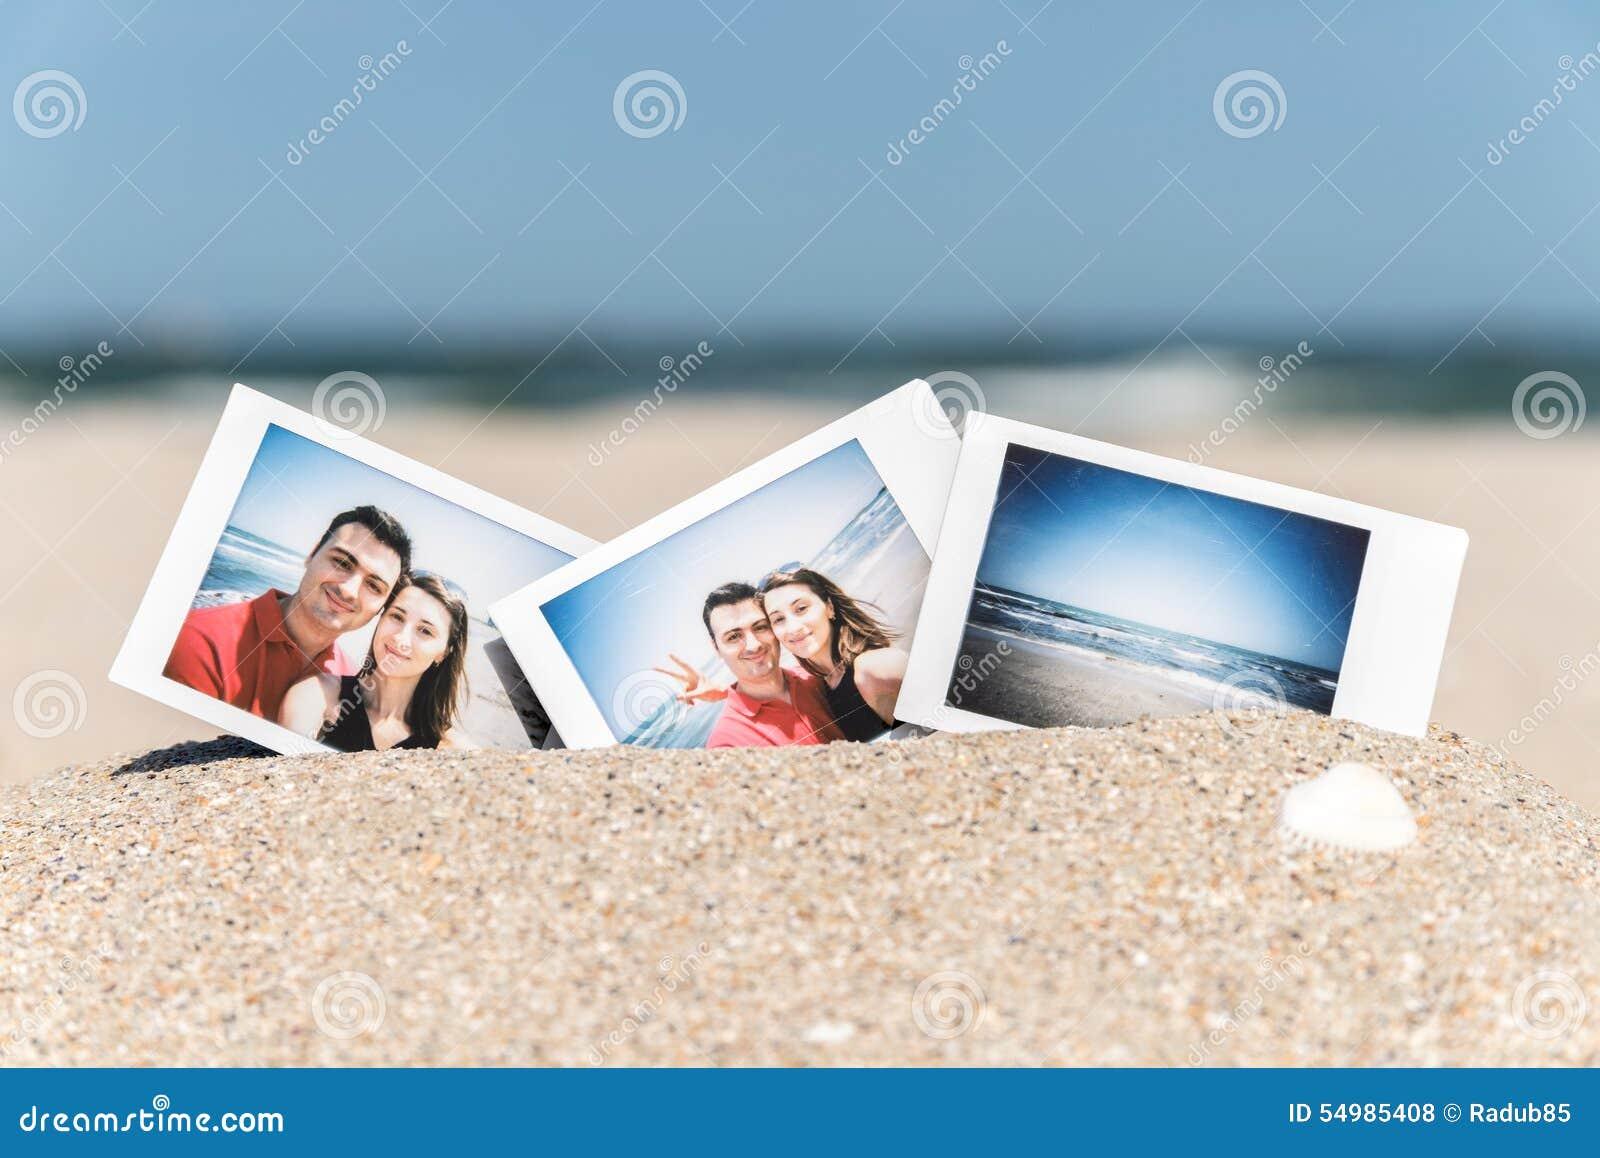 Ögonblickligt foto av unga lyckliga par för pojkvän och för flickvän